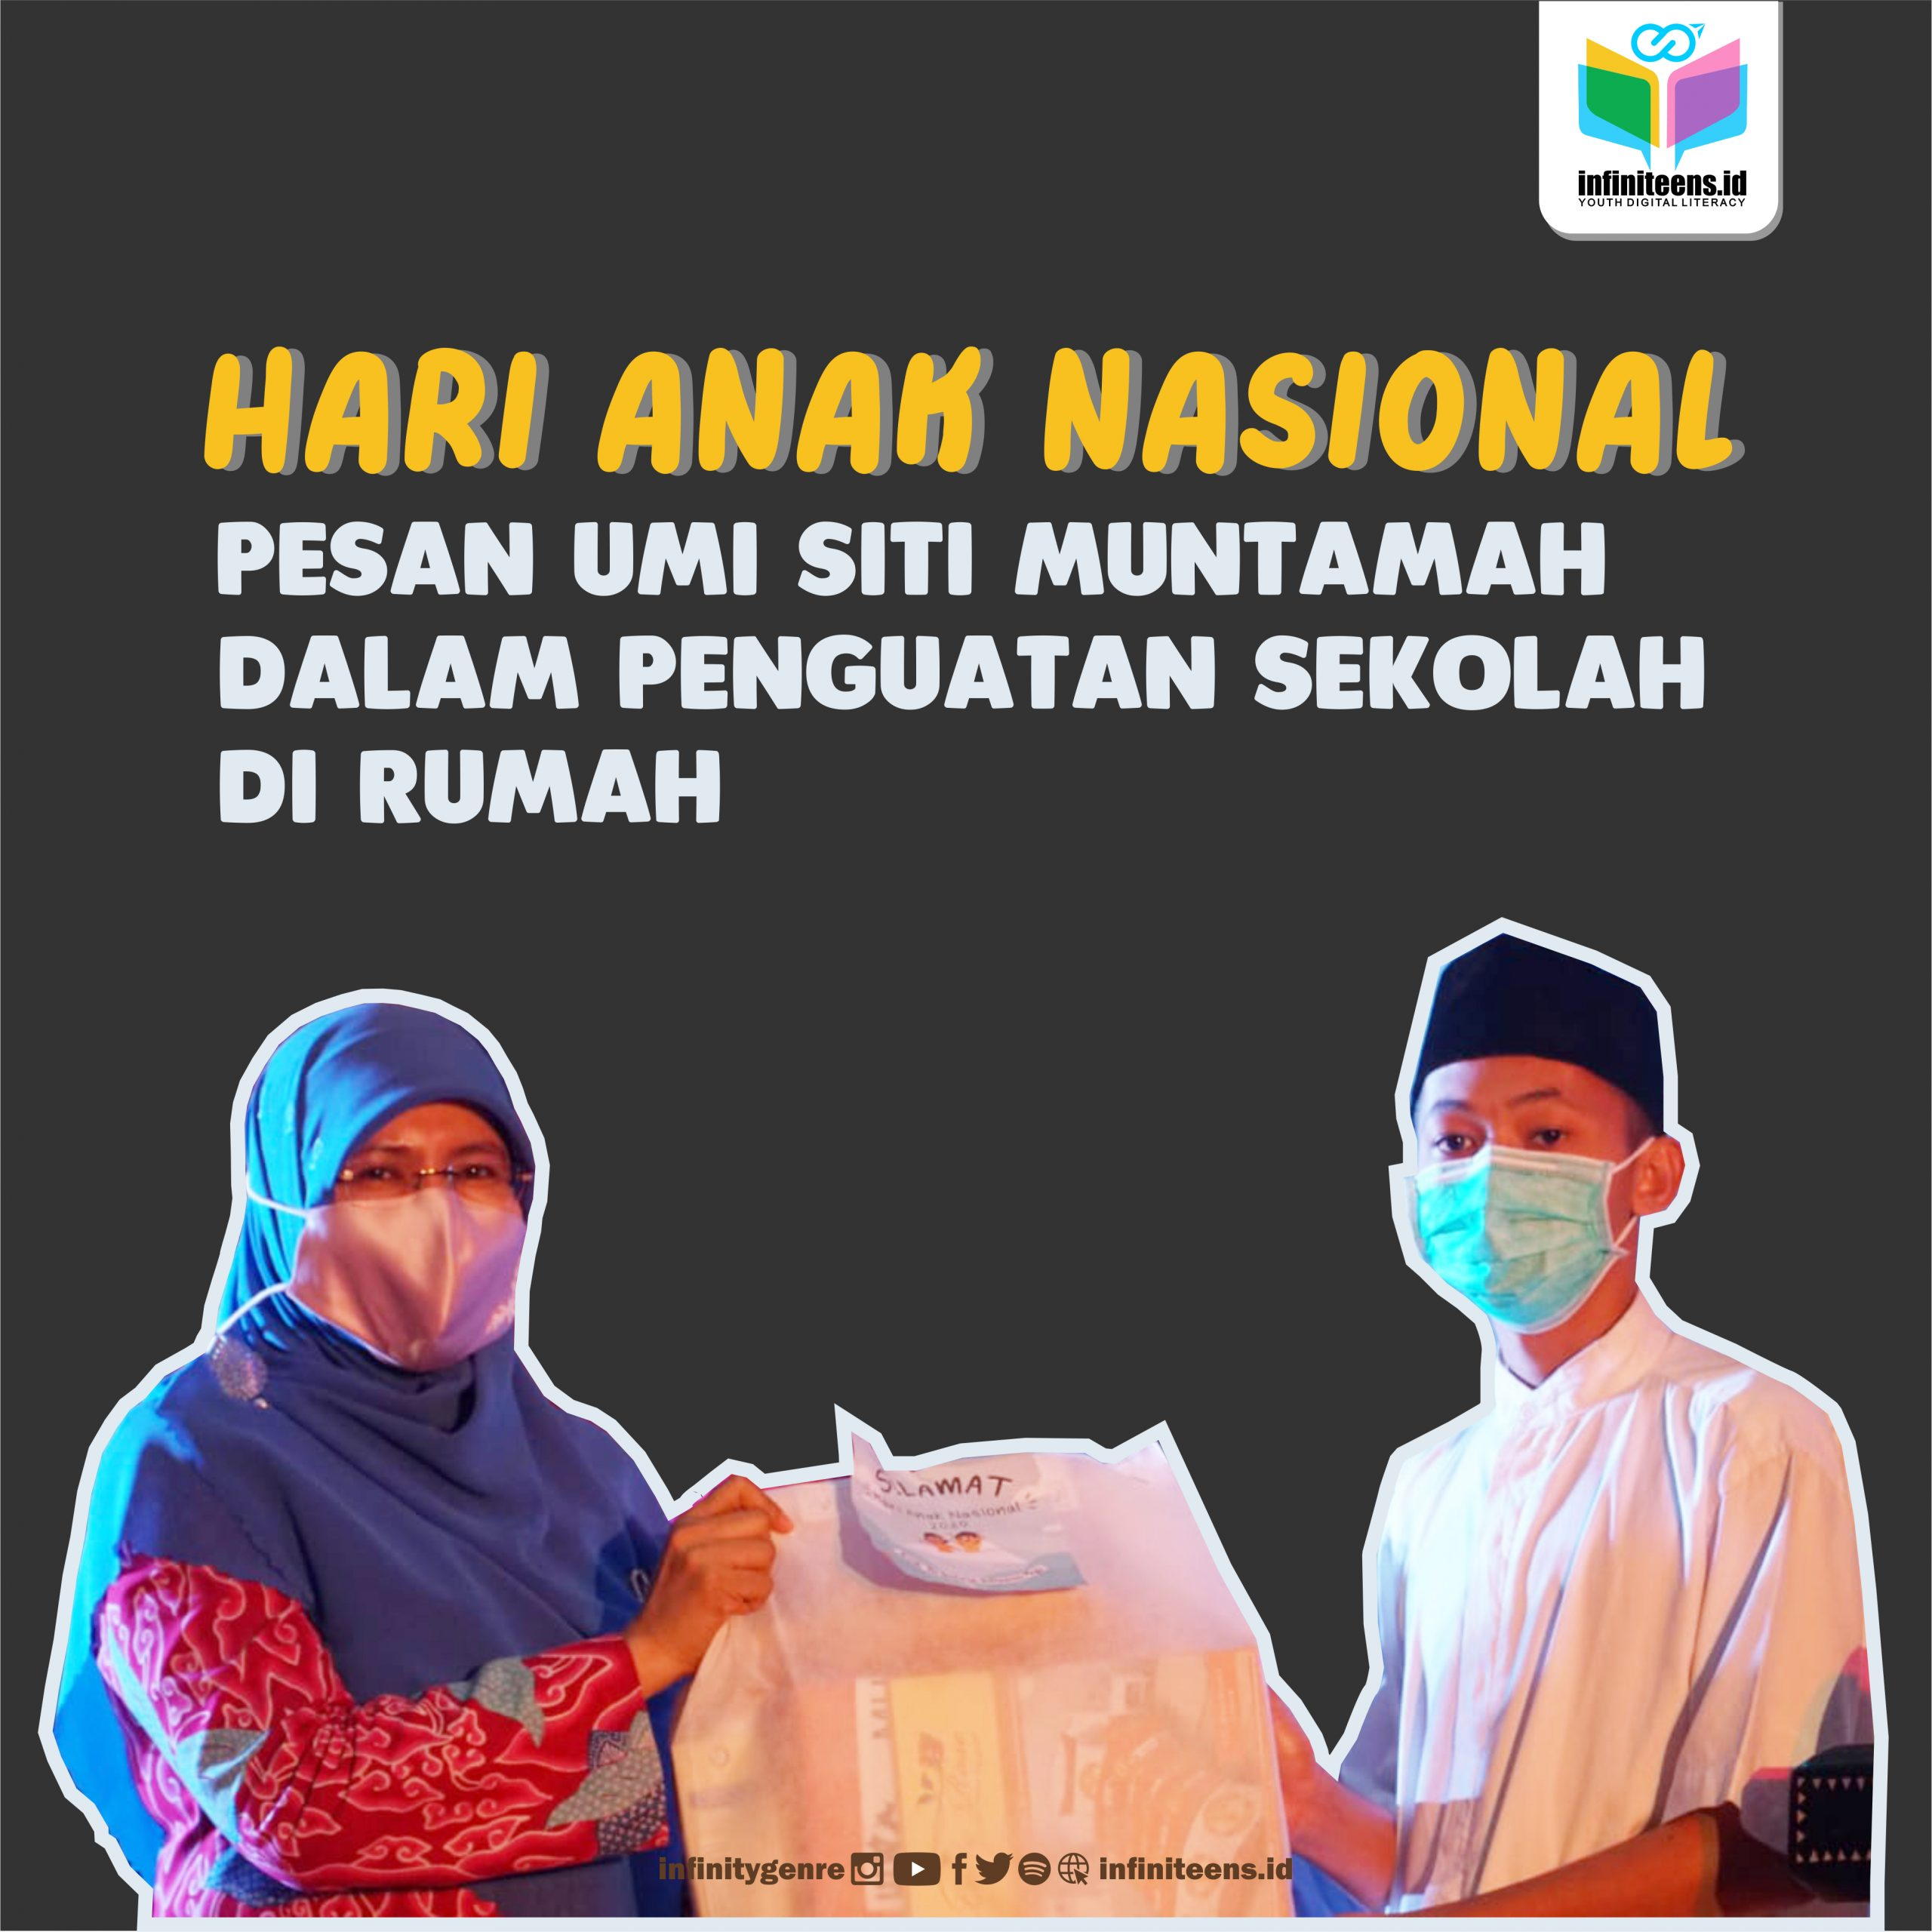 Pesan Umi Siti Muntamah di Hari Anak